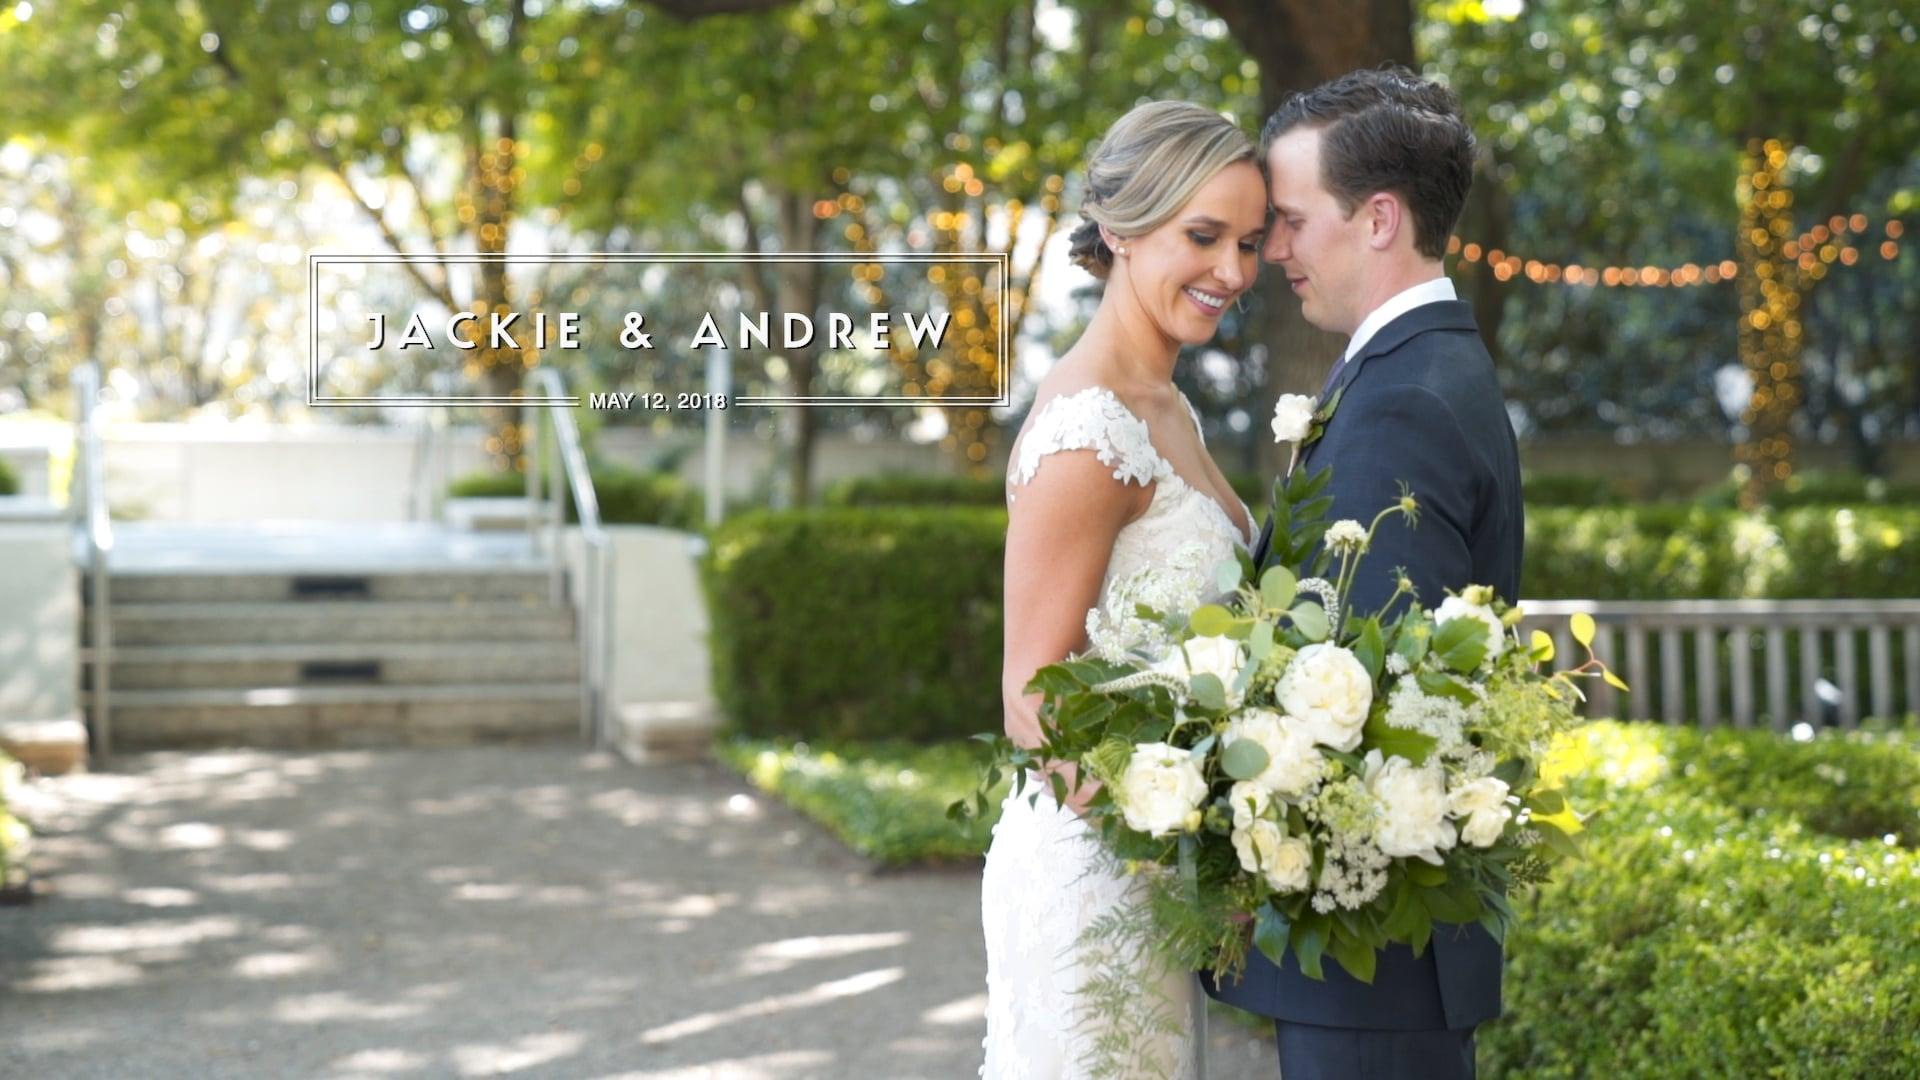 Jackie & Andrew's Wedding Film